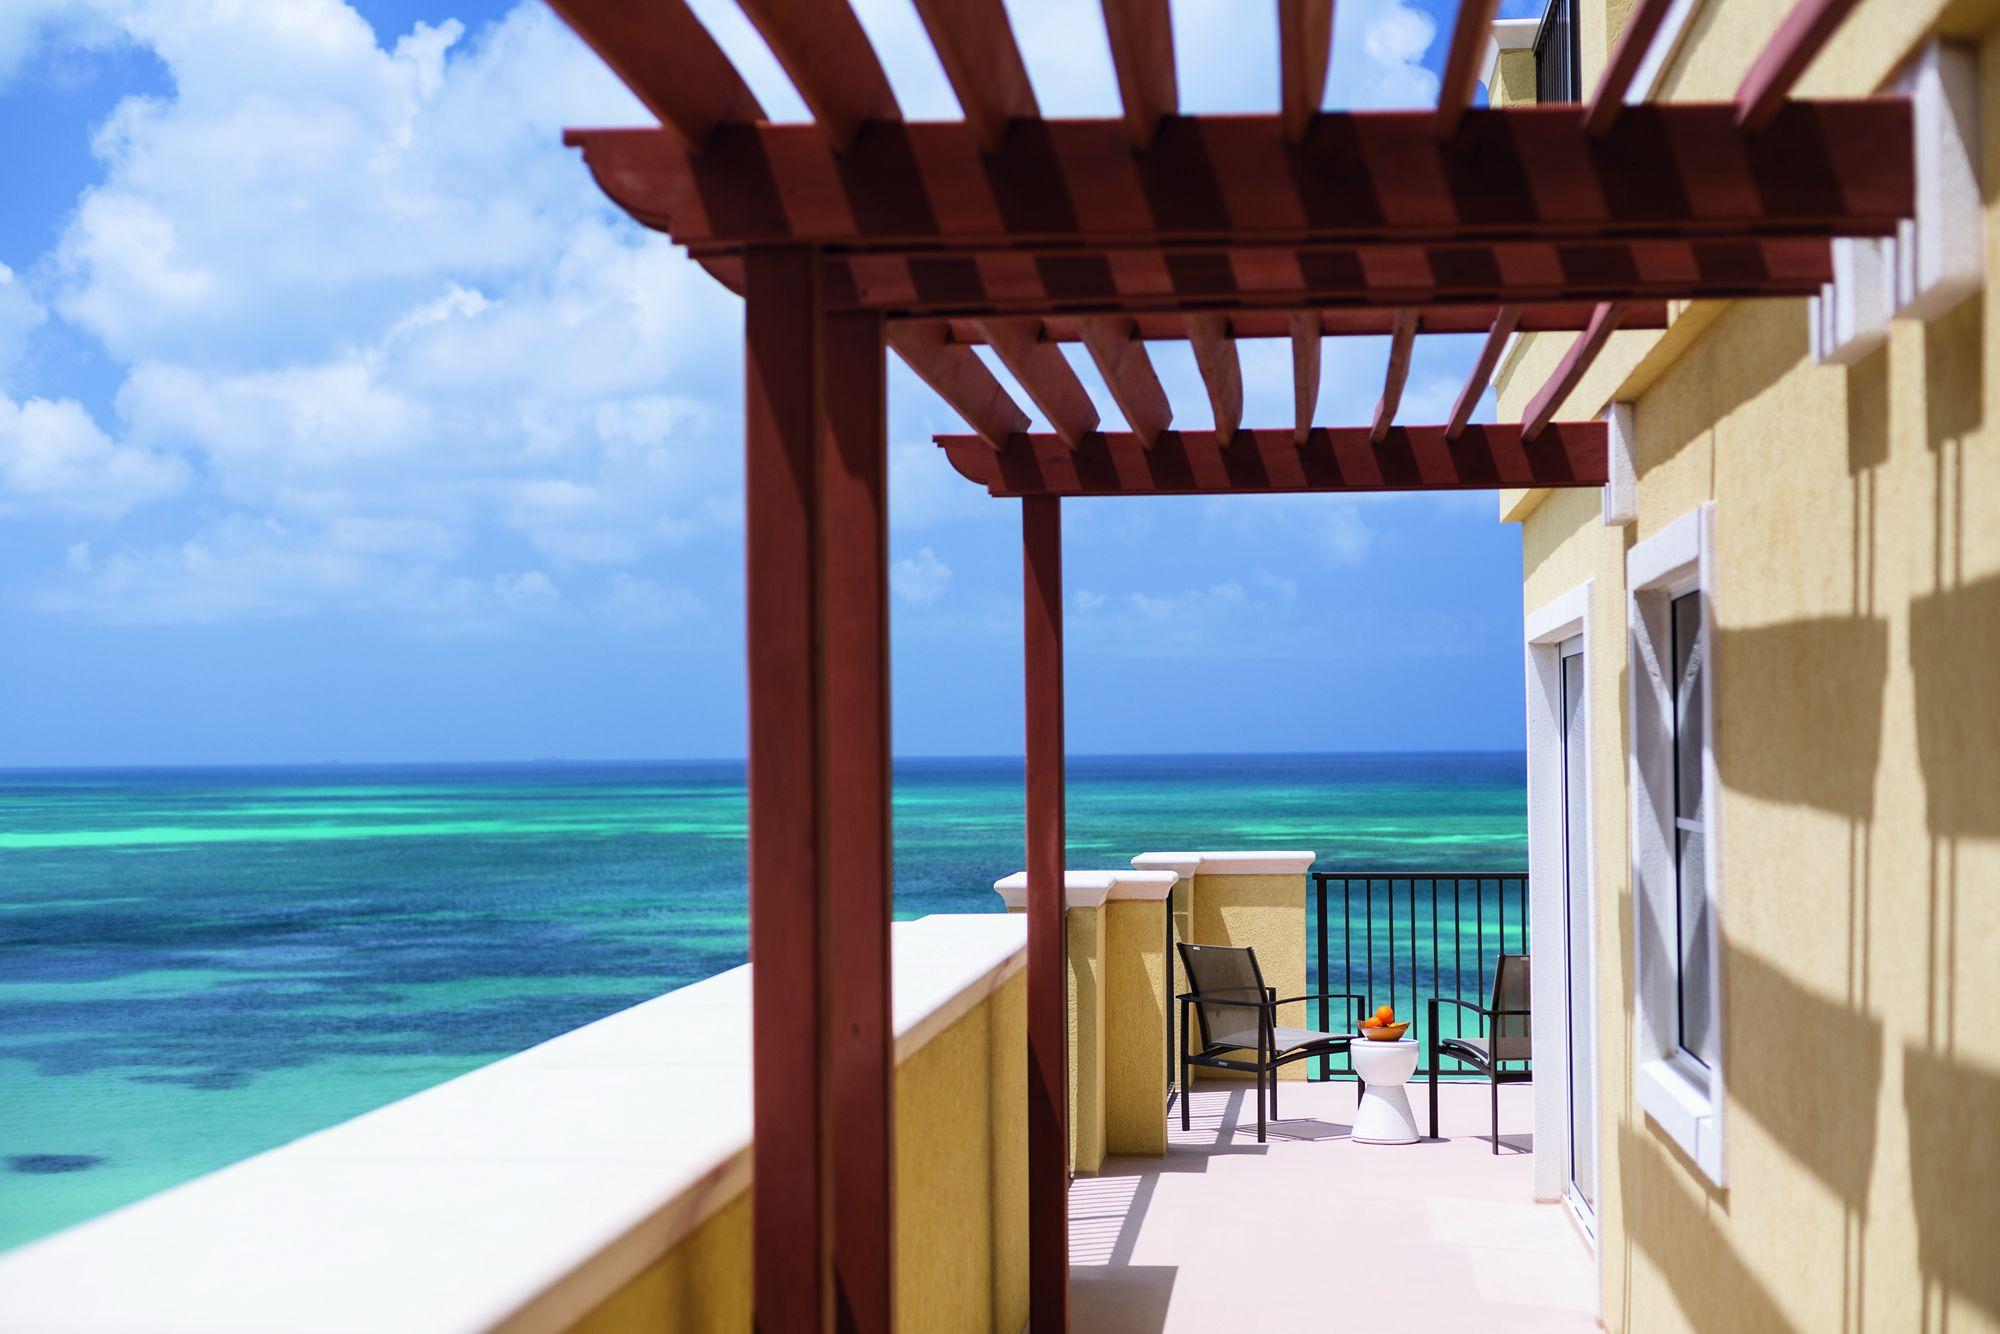 Ritz-Carlton Aruba_07.jpeg